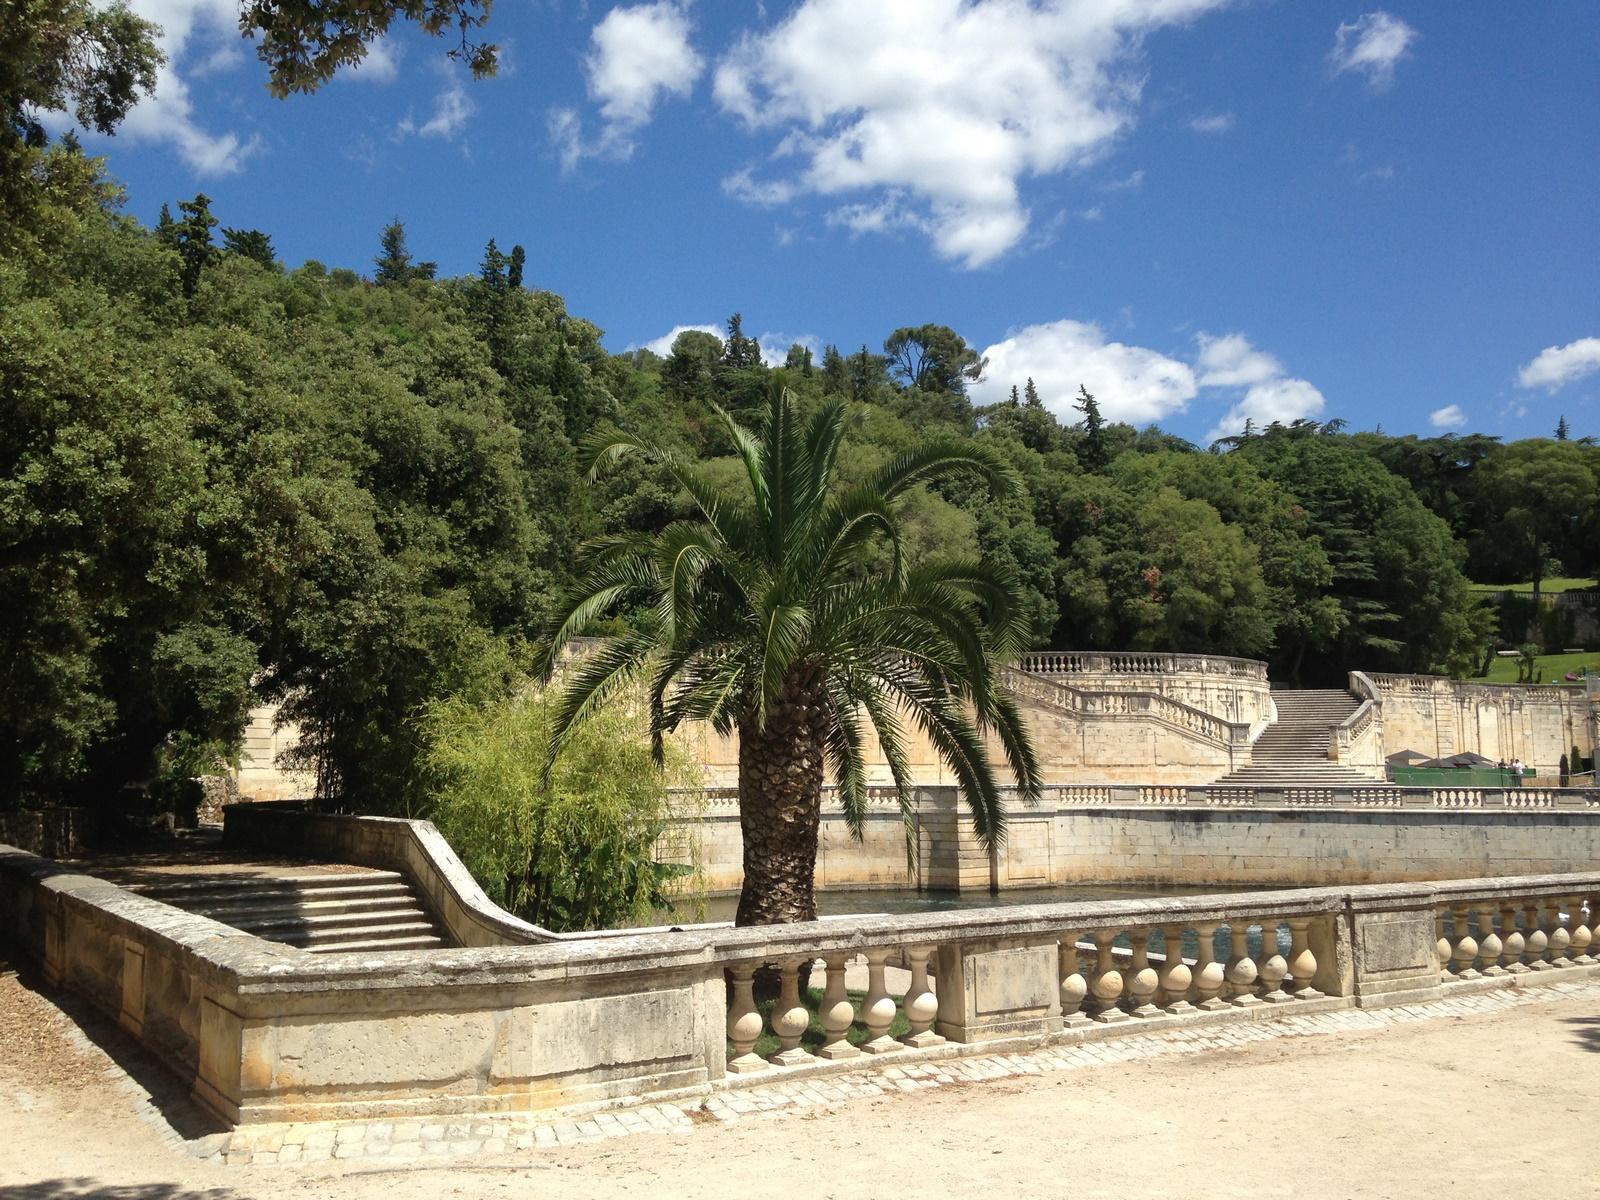 Mobilier De Jardin Nimes   Jardin De La Fontaine In Nimes France ...